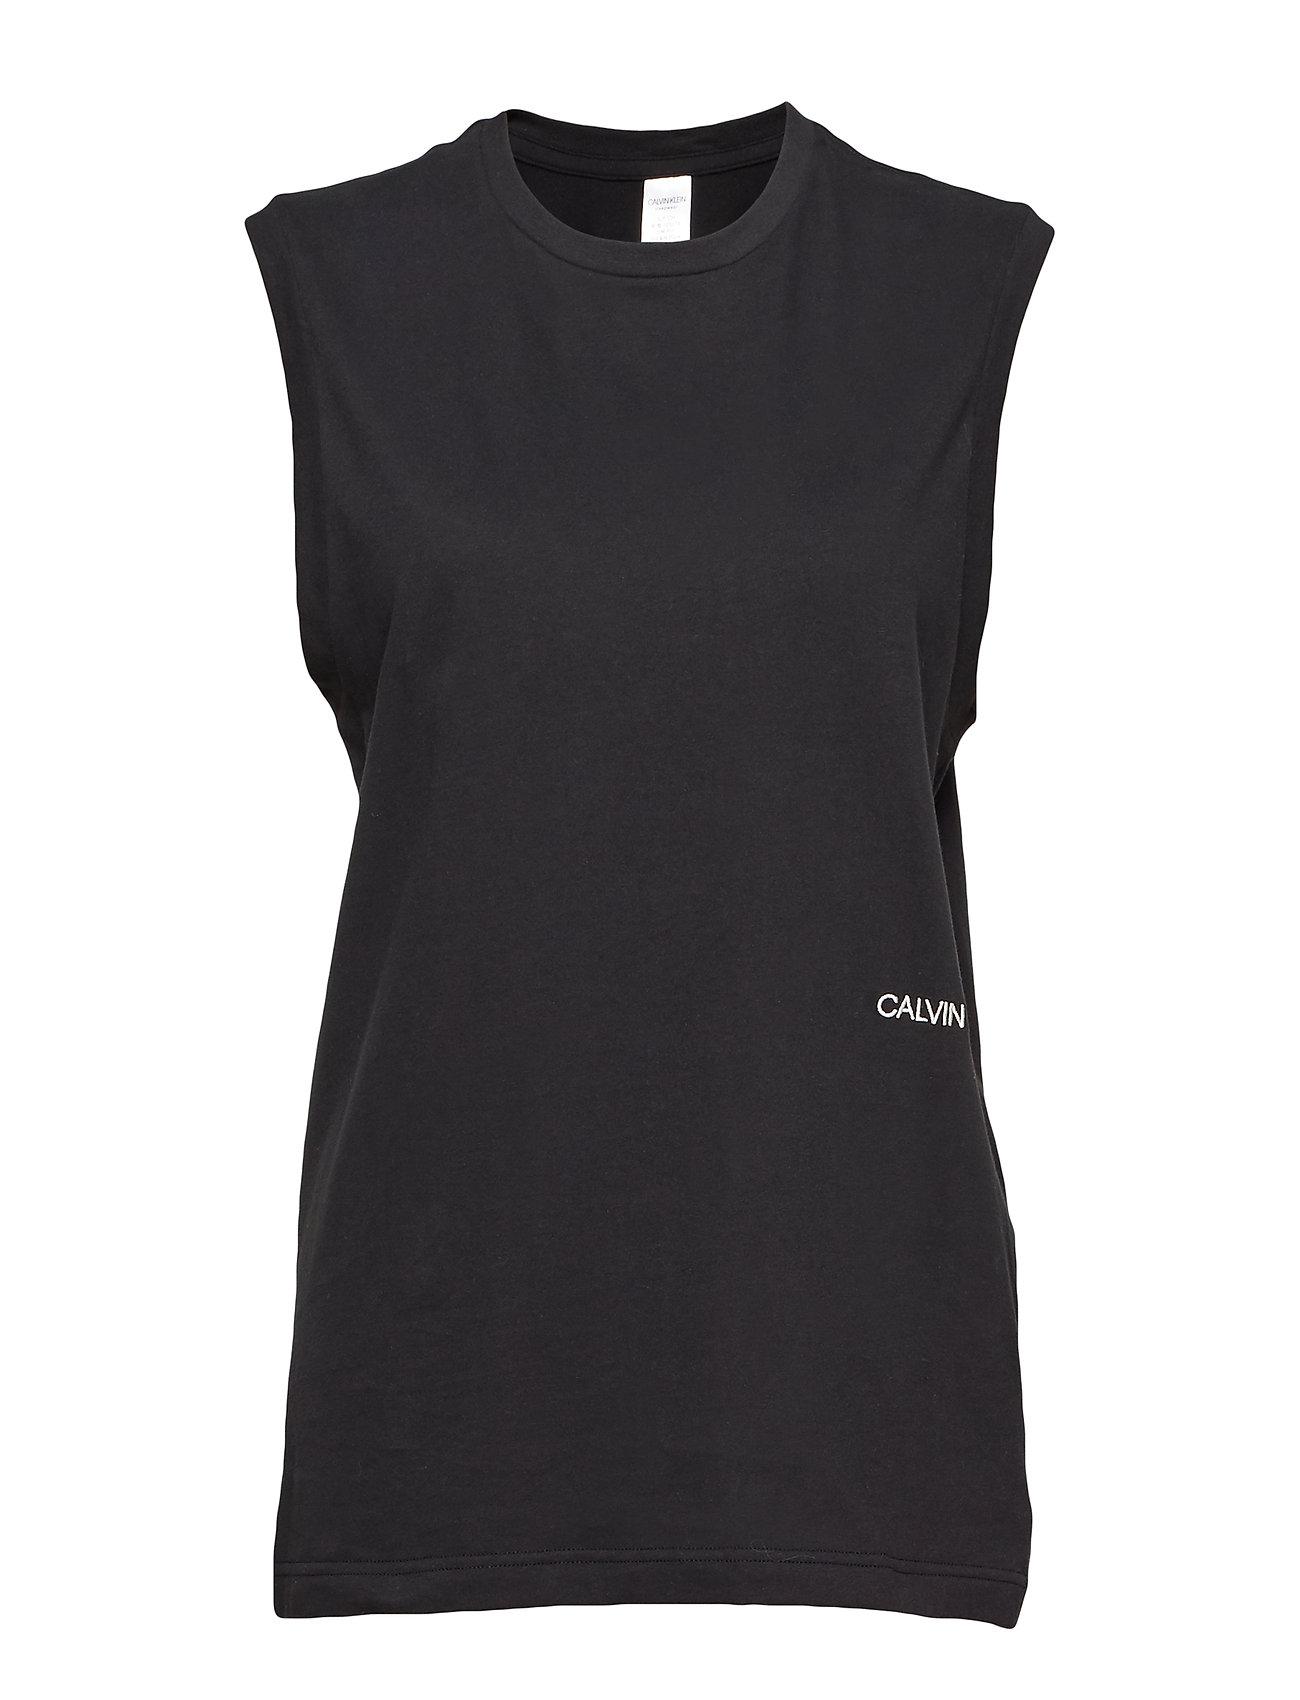 Calvin Klein MUSCLE TANK 2PK - BLACK